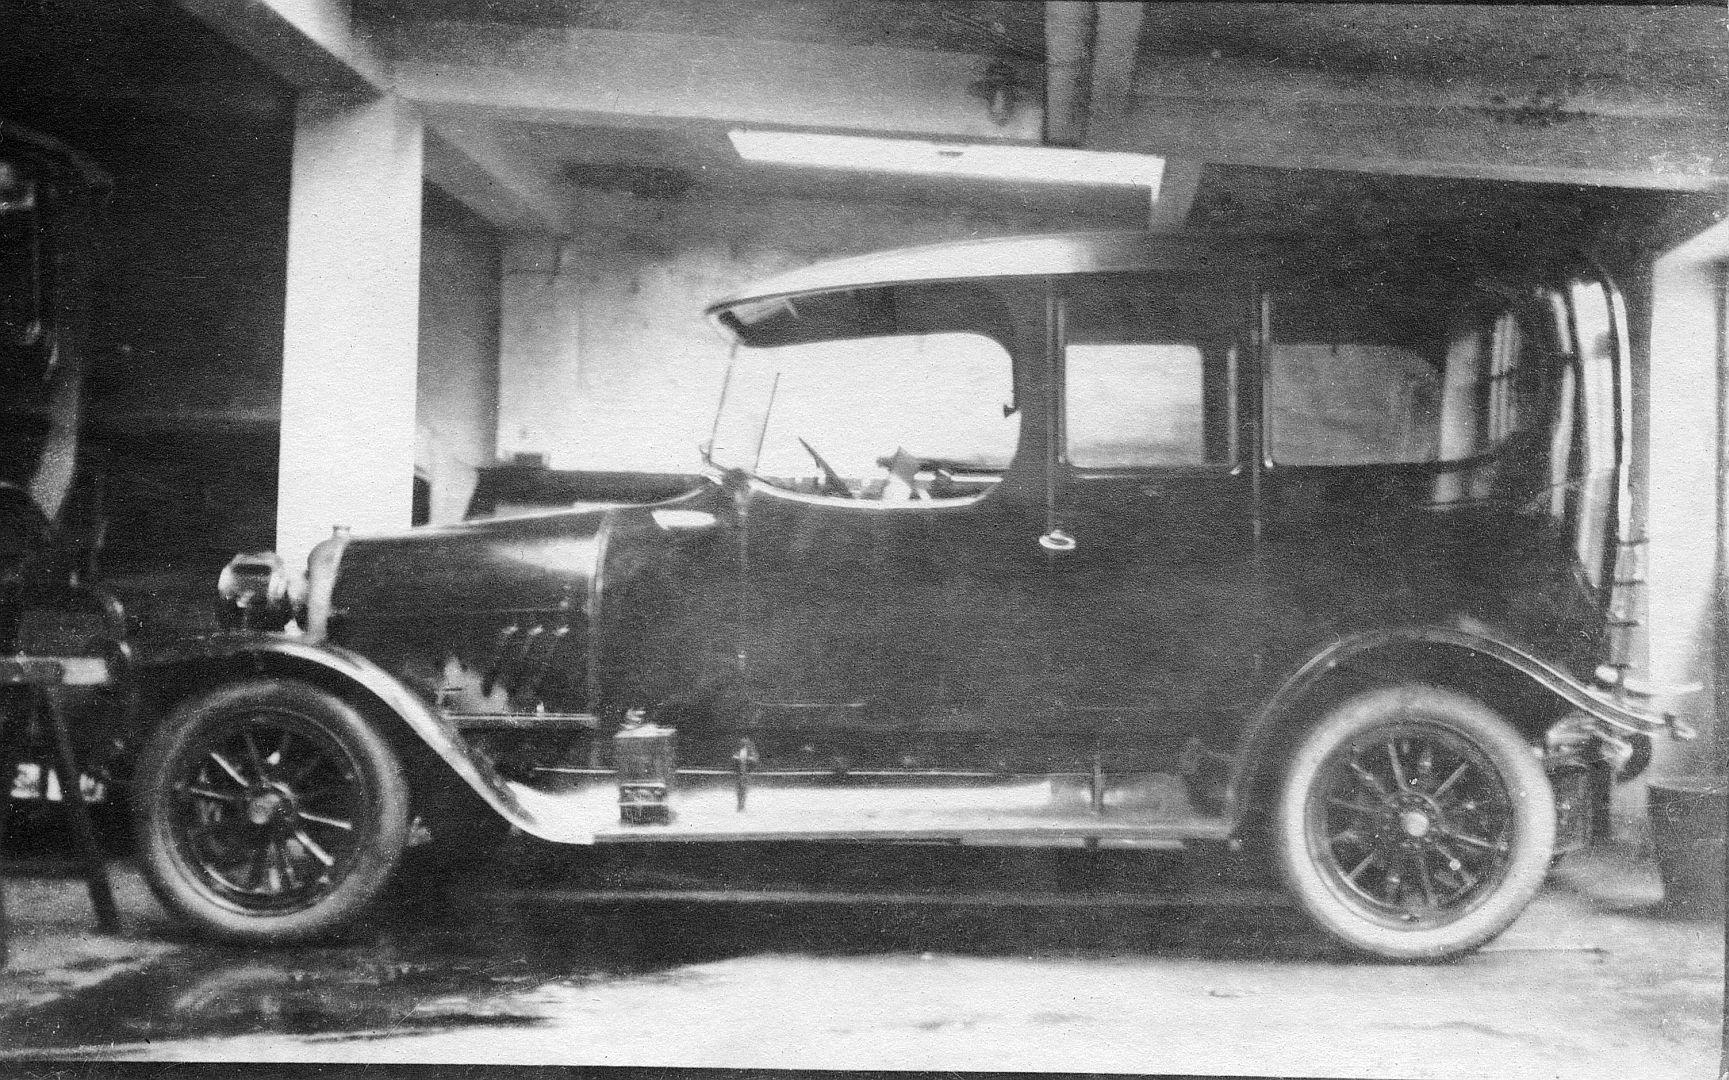 Horch_1912-14_Gläser-Aufsatzlimousine_Galerie